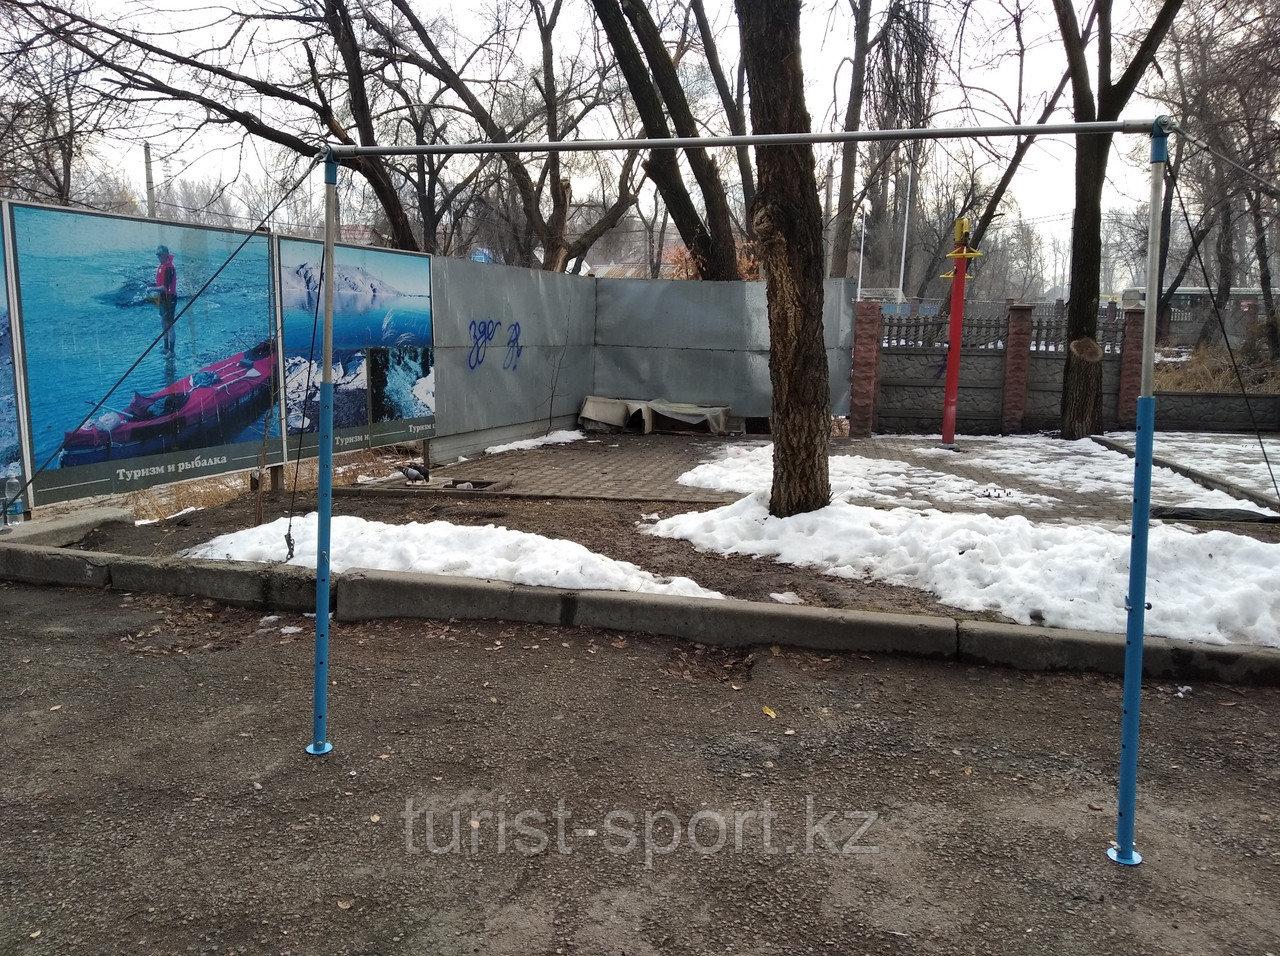 Перекладина гимнастическая универсальная турники оптом и розницу Алматы